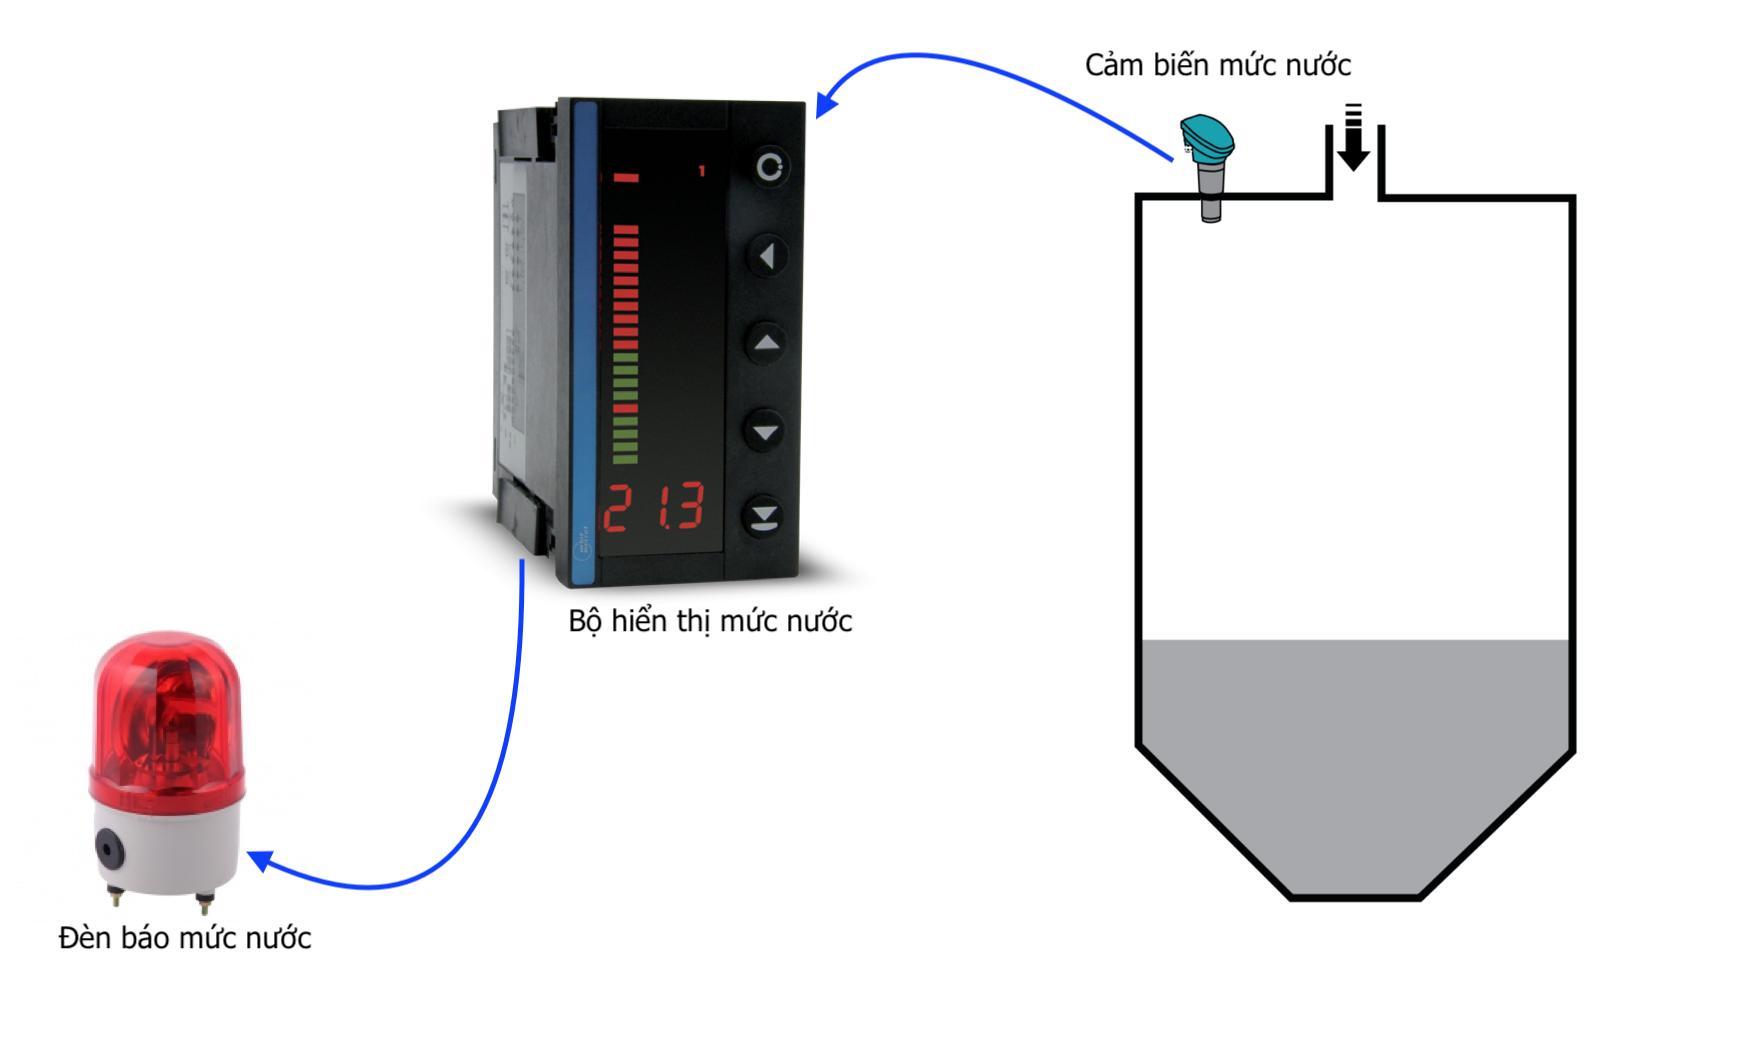 Ứng dụng bộ hiển thị và điều khiển mức nước